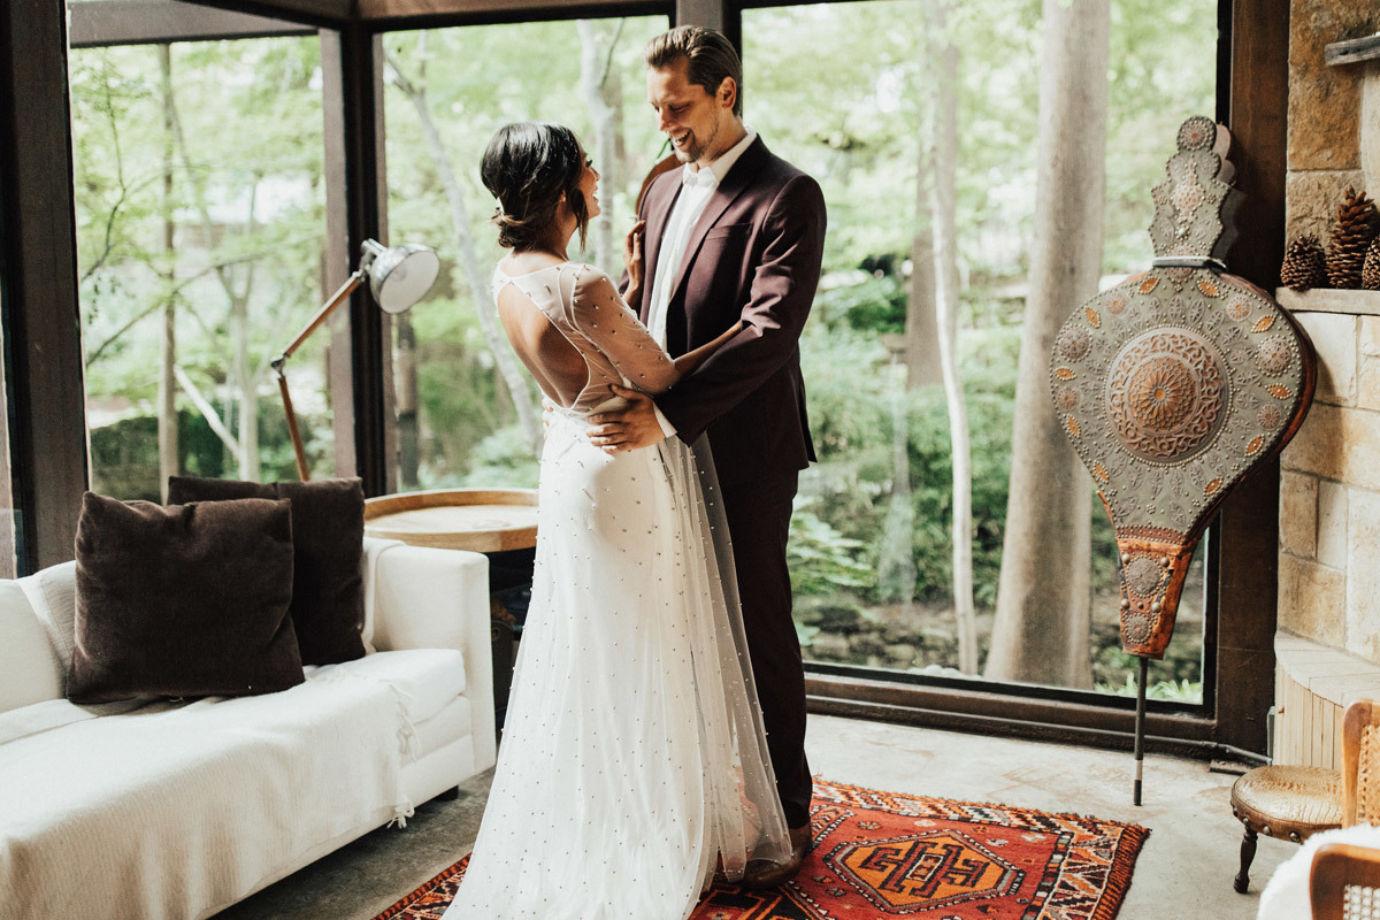 be8a17561 Para as noivas em busca do vestido de noiva perfeito, alguns detalhes são  importantes: tecido, modelo, saia, decote e muito mais.